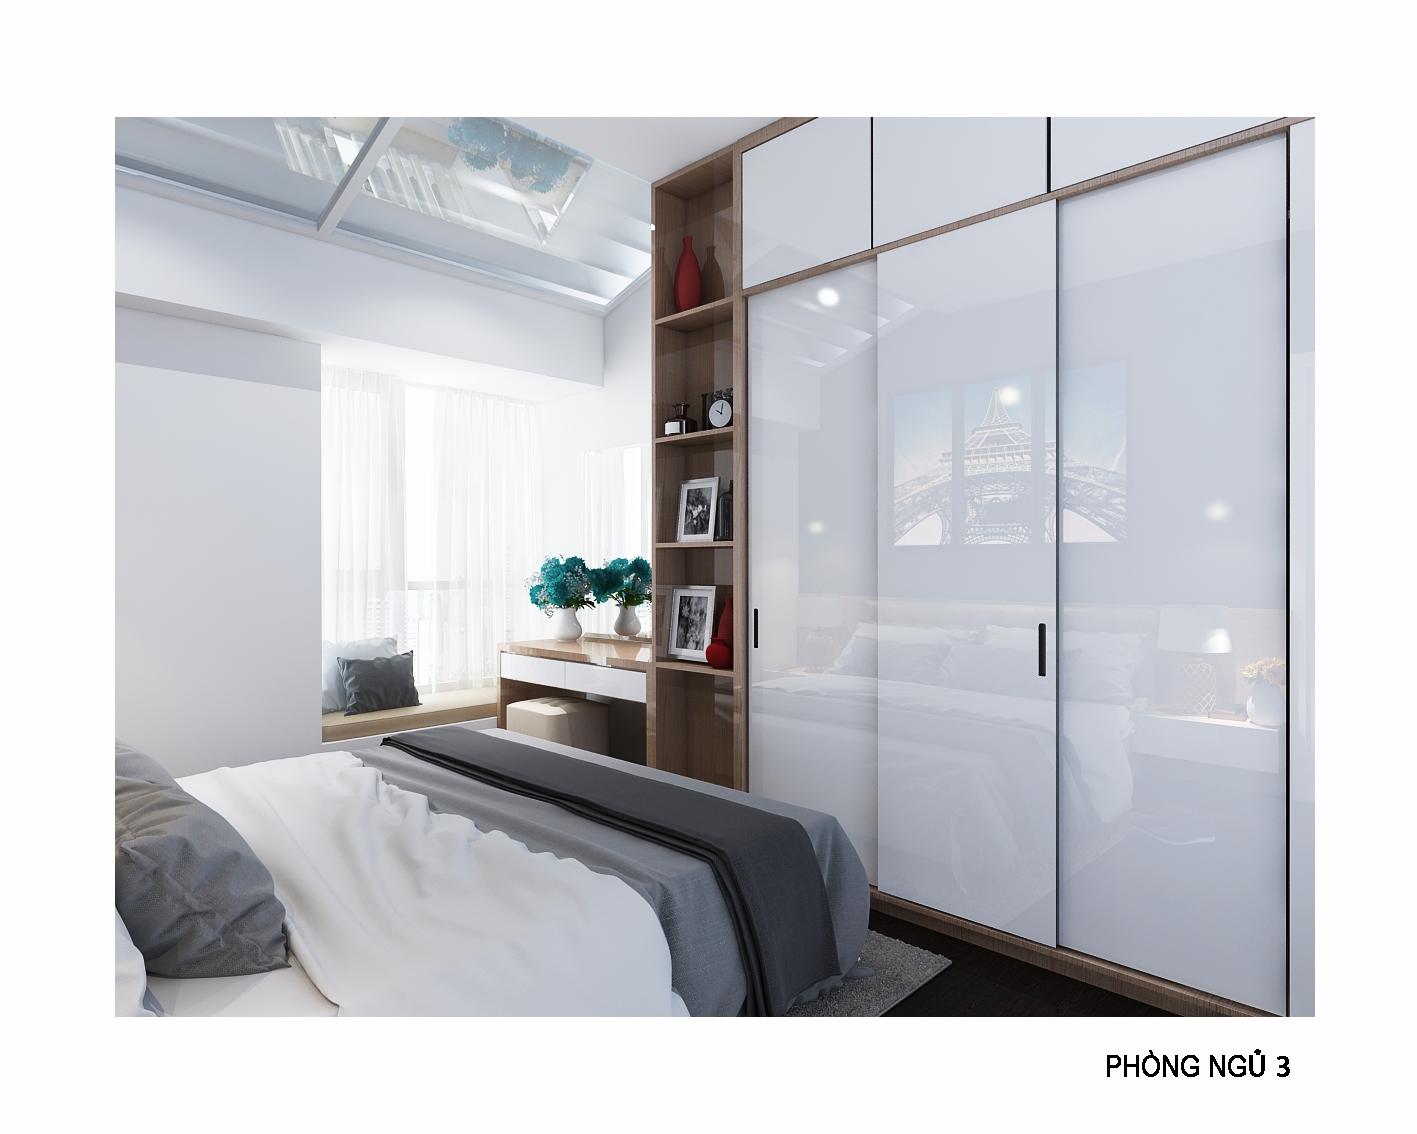 Cho thuê căn hộ Đà Nẵng khu An Thượng 2PN